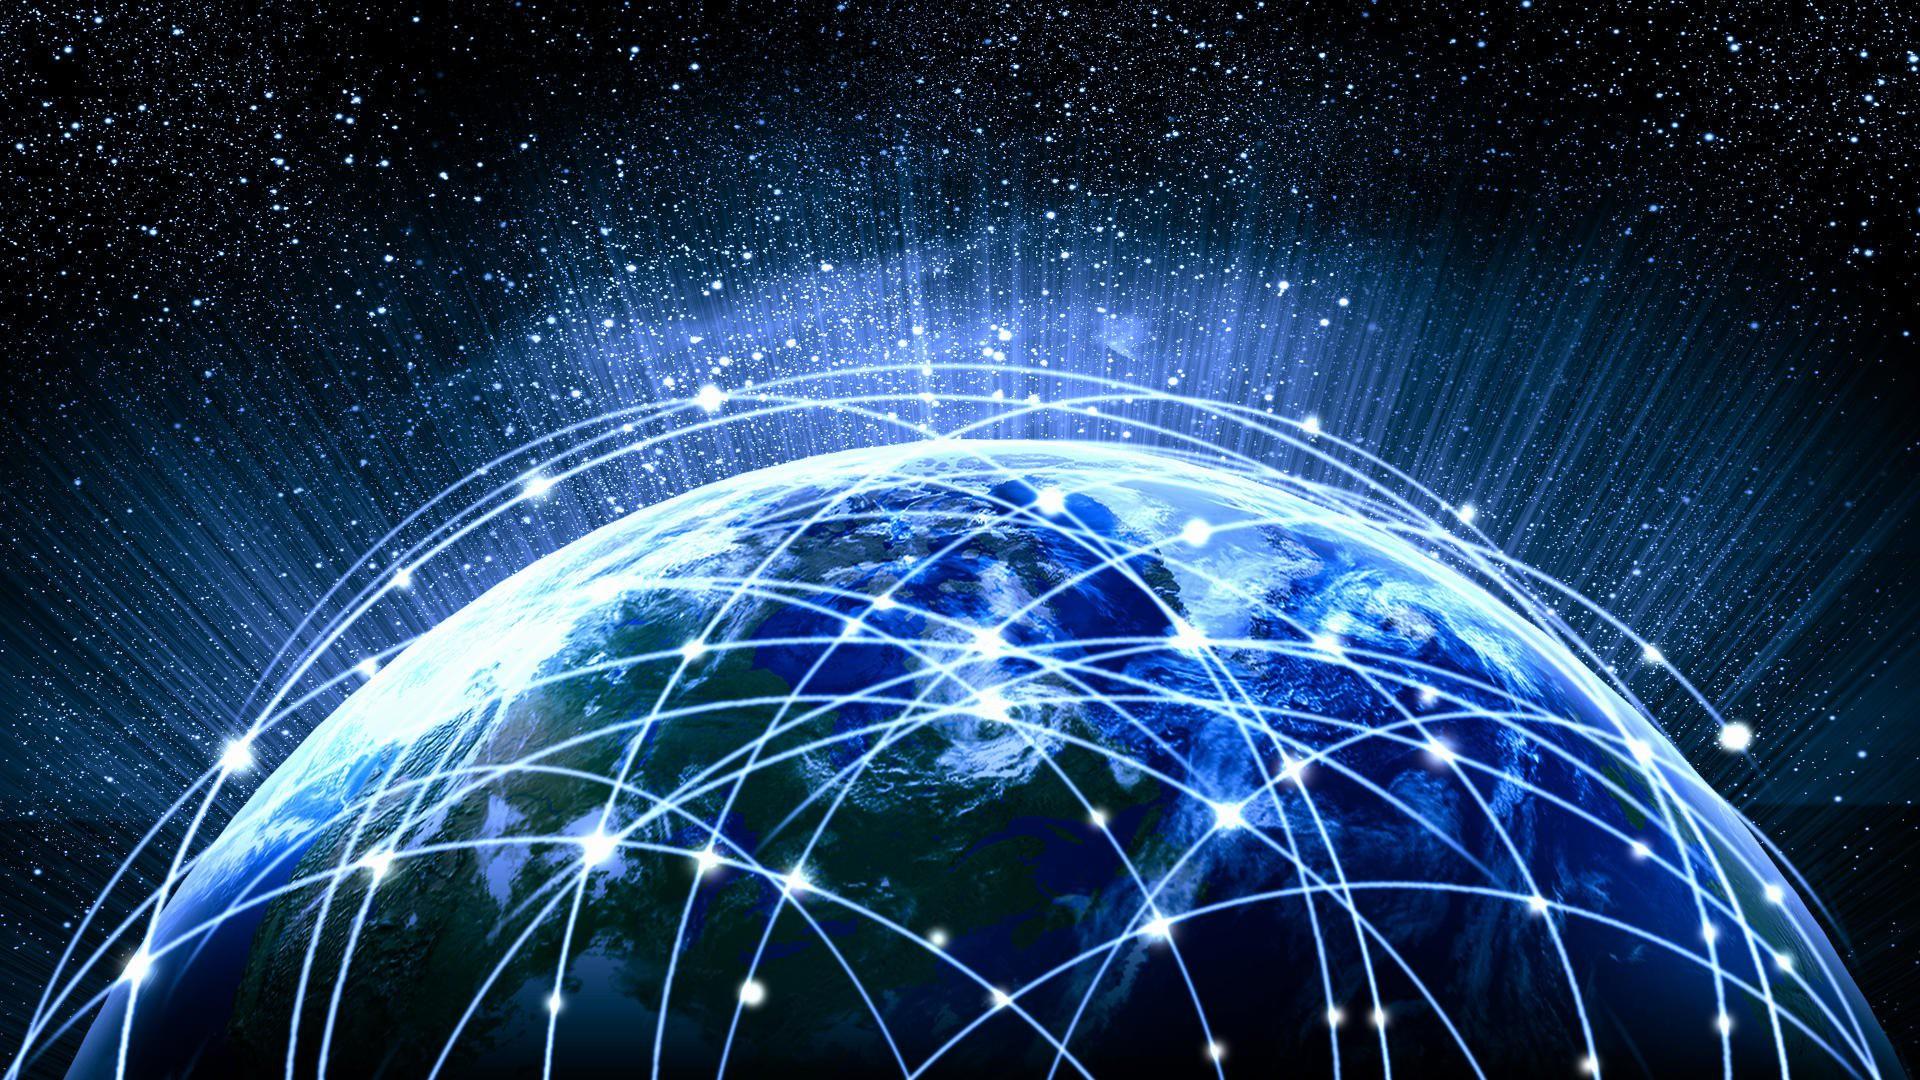 Mạng lưới cáp Internet khổng lồ bao phủ Trái Đất sẽ là hệ thống đo địa chấn  lớn nhất mà con người sở hữu